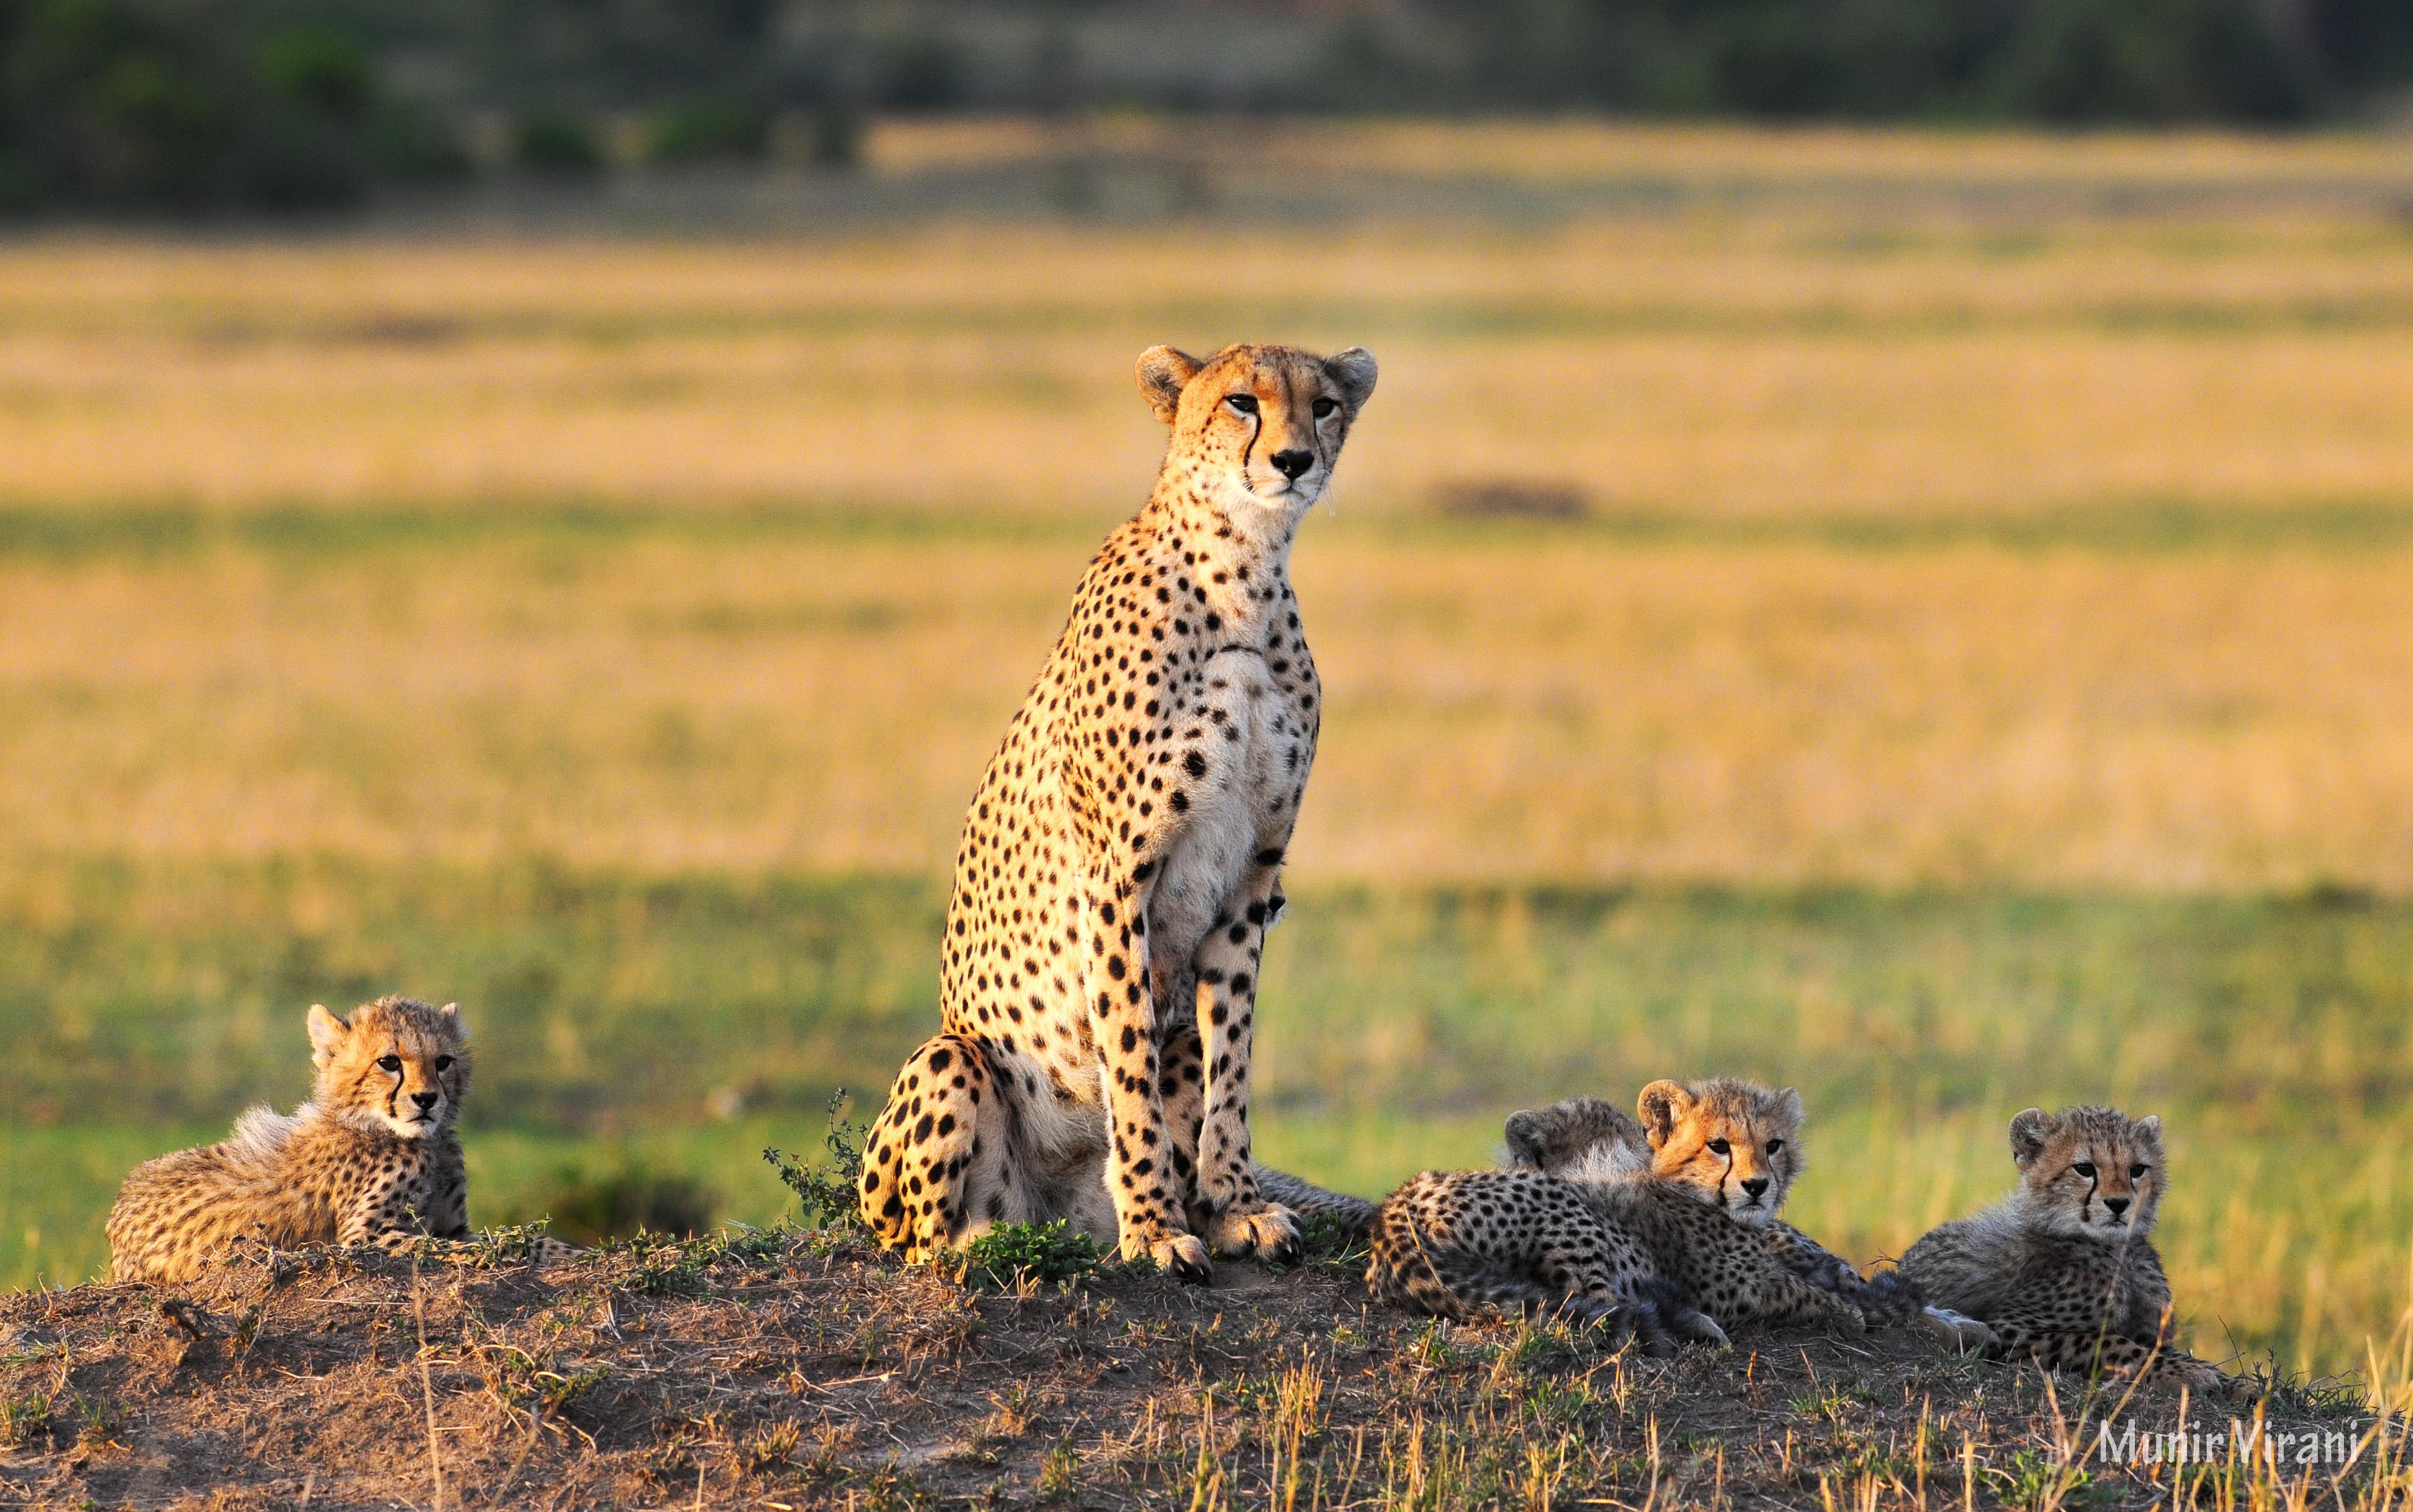 3 Tipilikwani Mara Camp - Masai Mara (66)